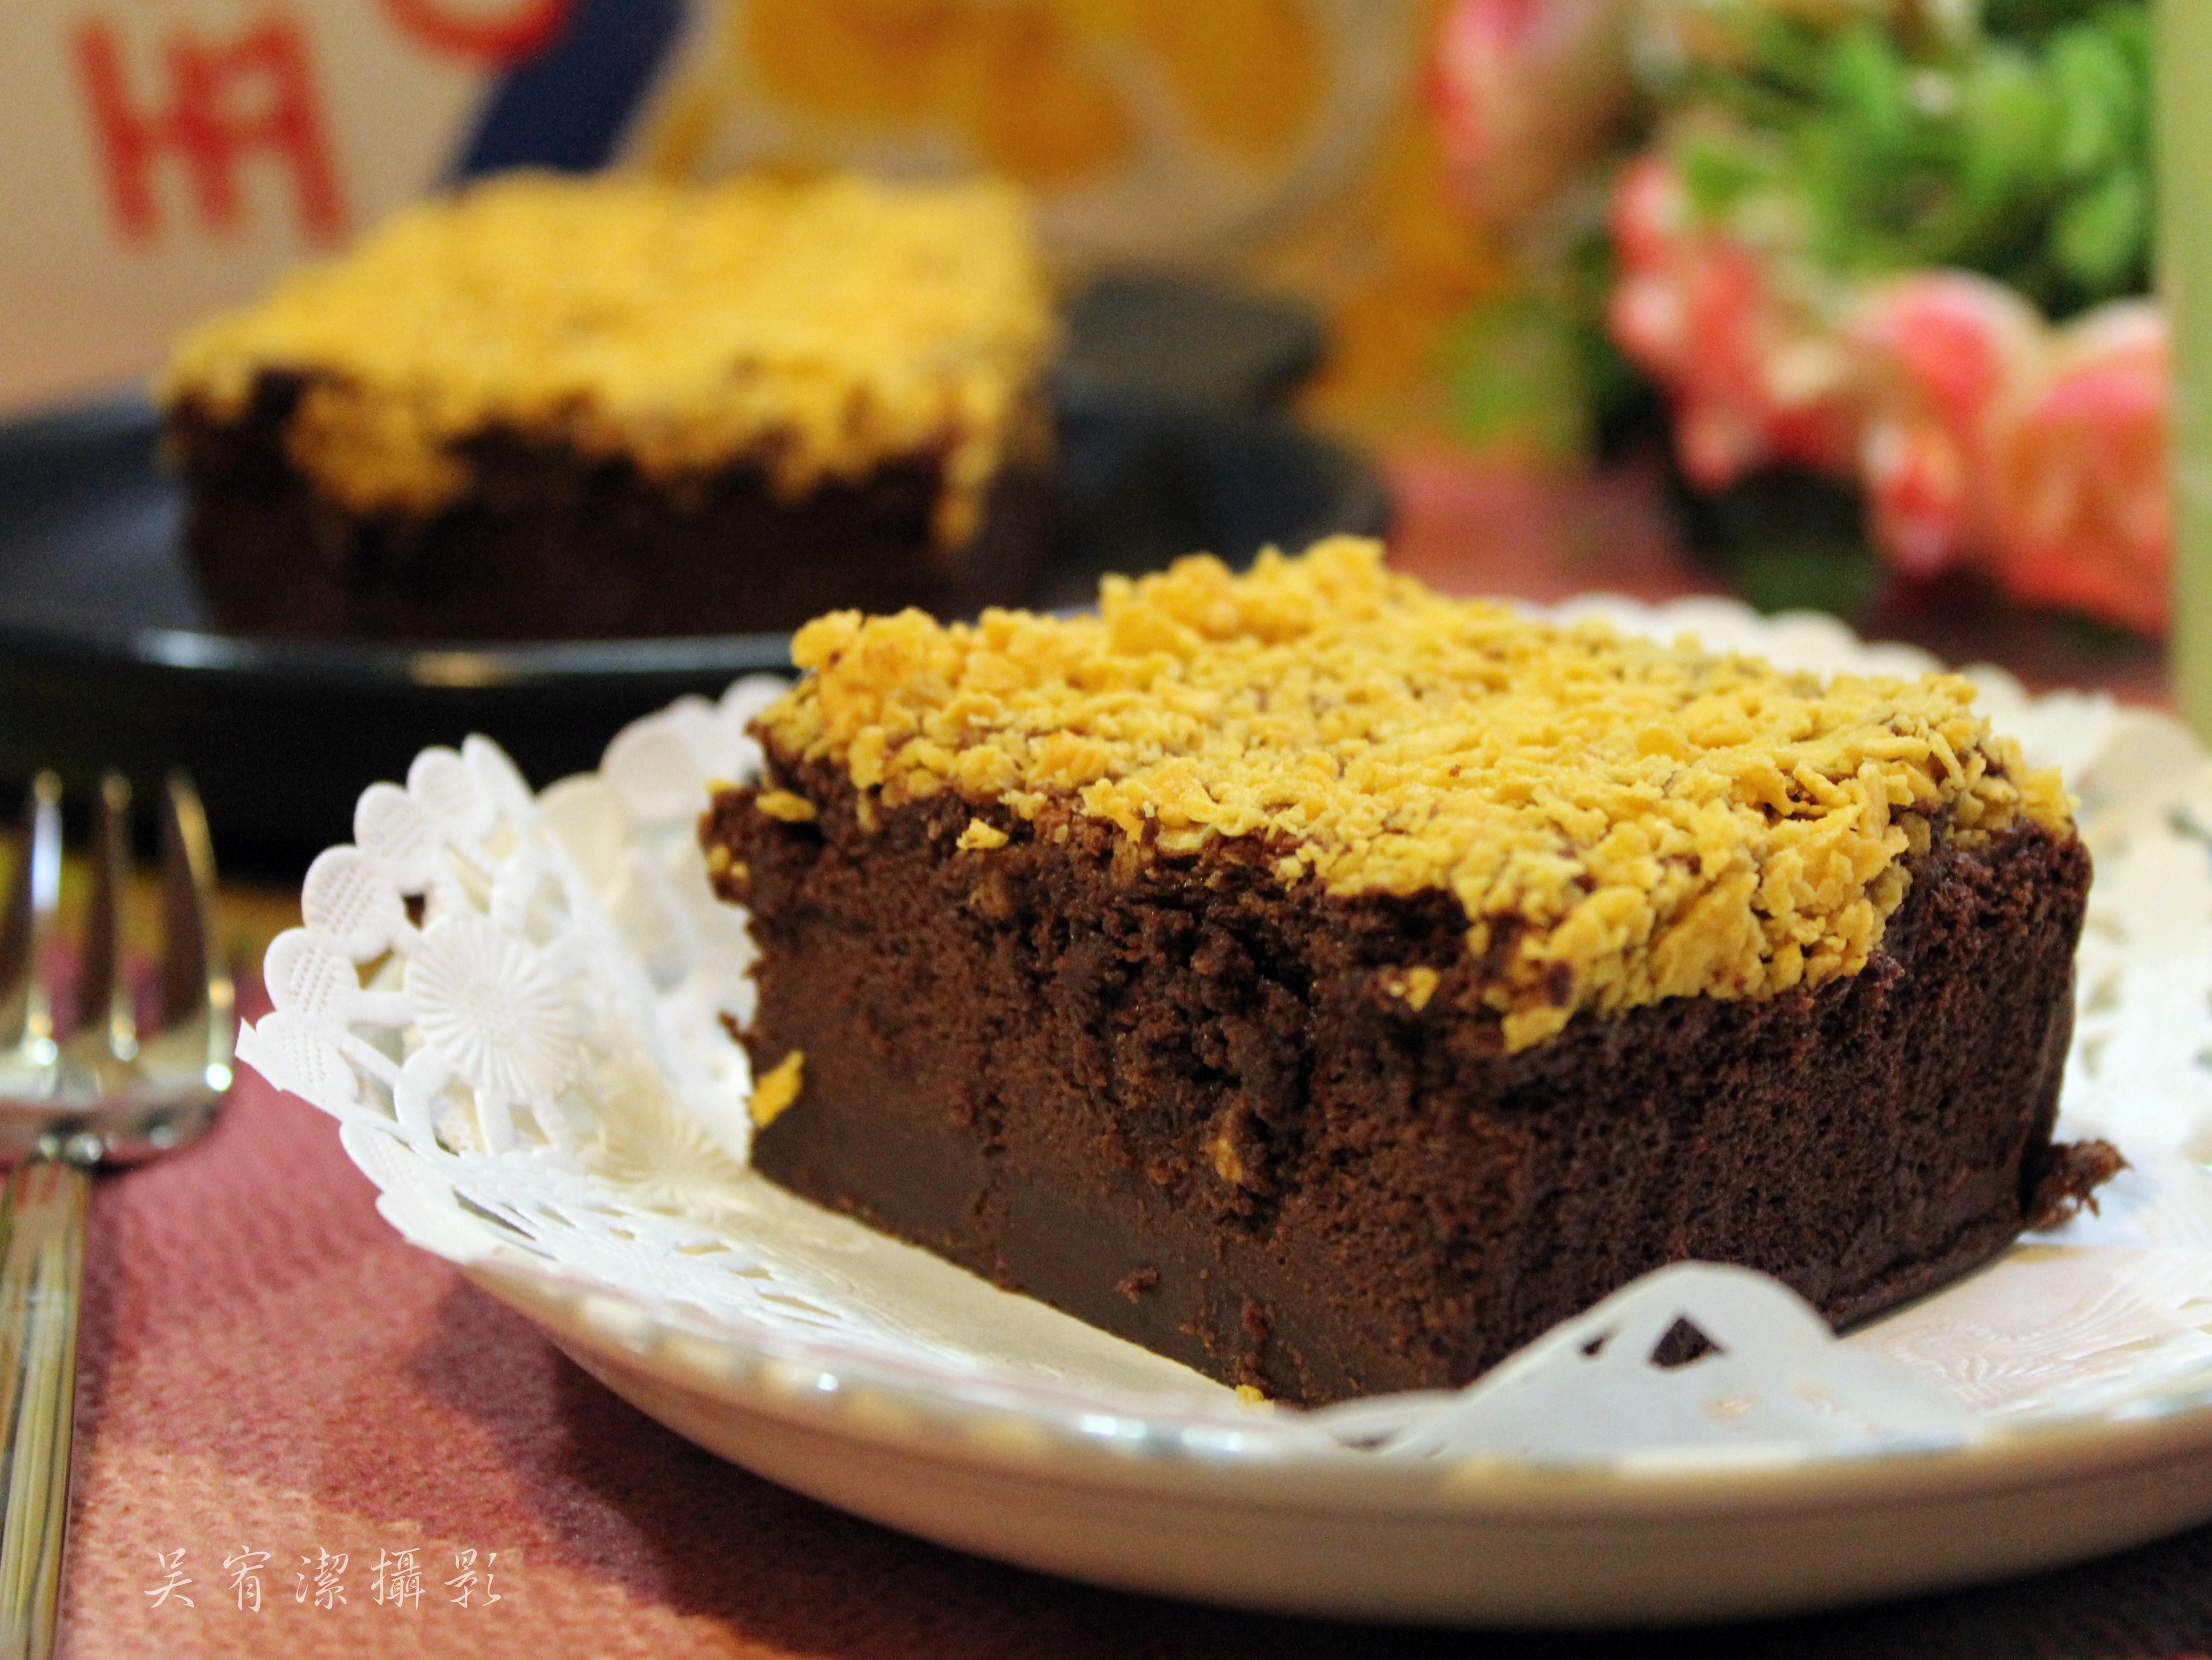 玉米脆片巧克力蛋糕【雀巢玉米脆片】